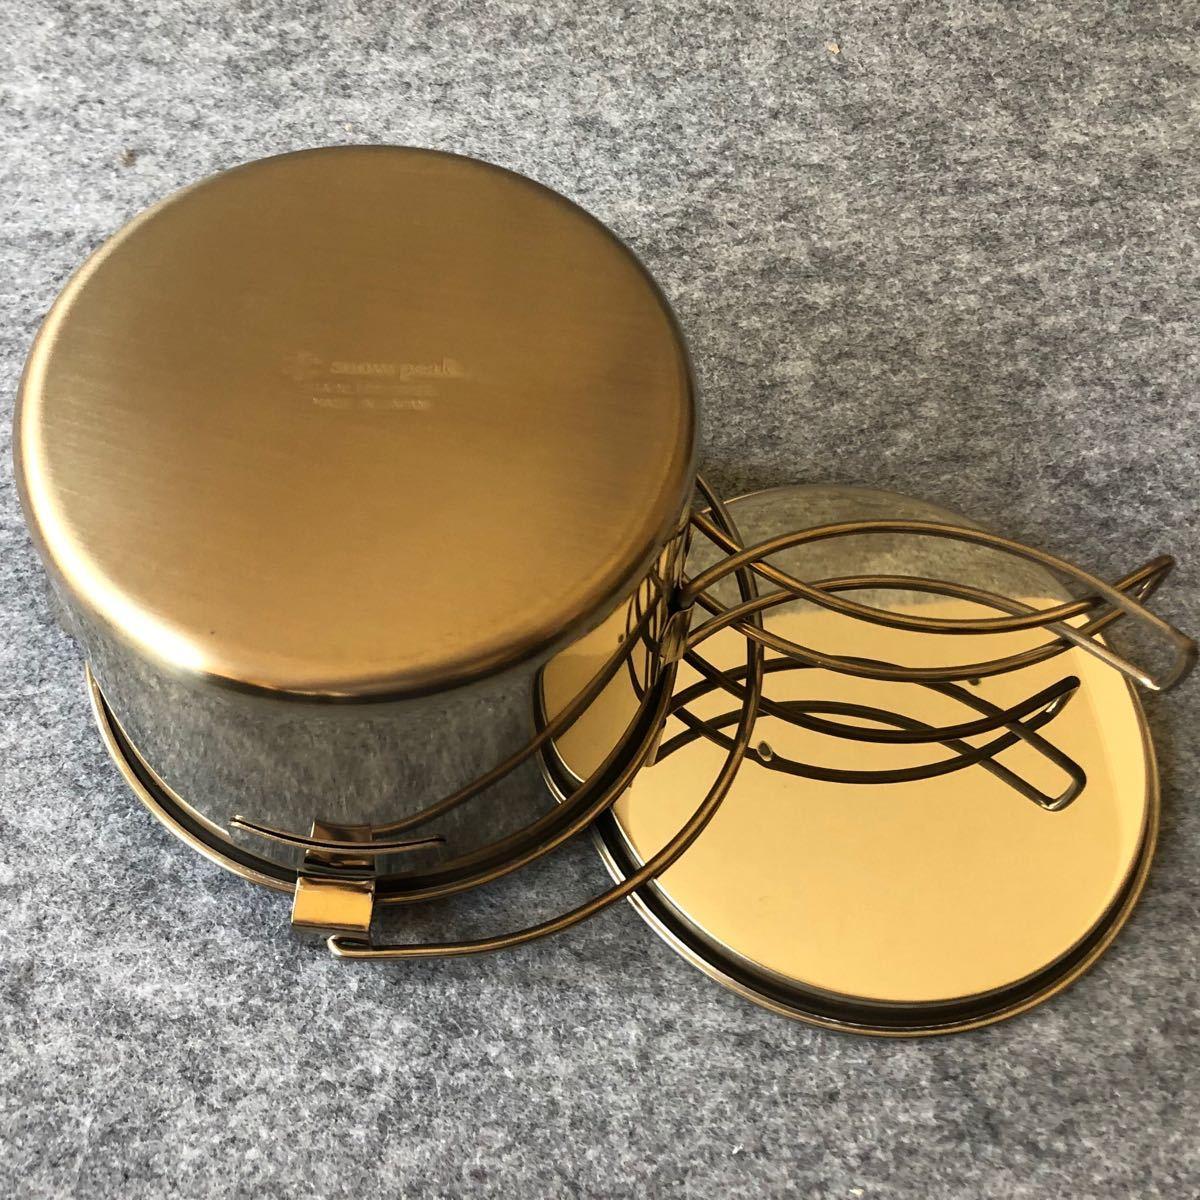 スノーピーク ケトル No.1 CS-068 0.9L GOLDEN BROWN